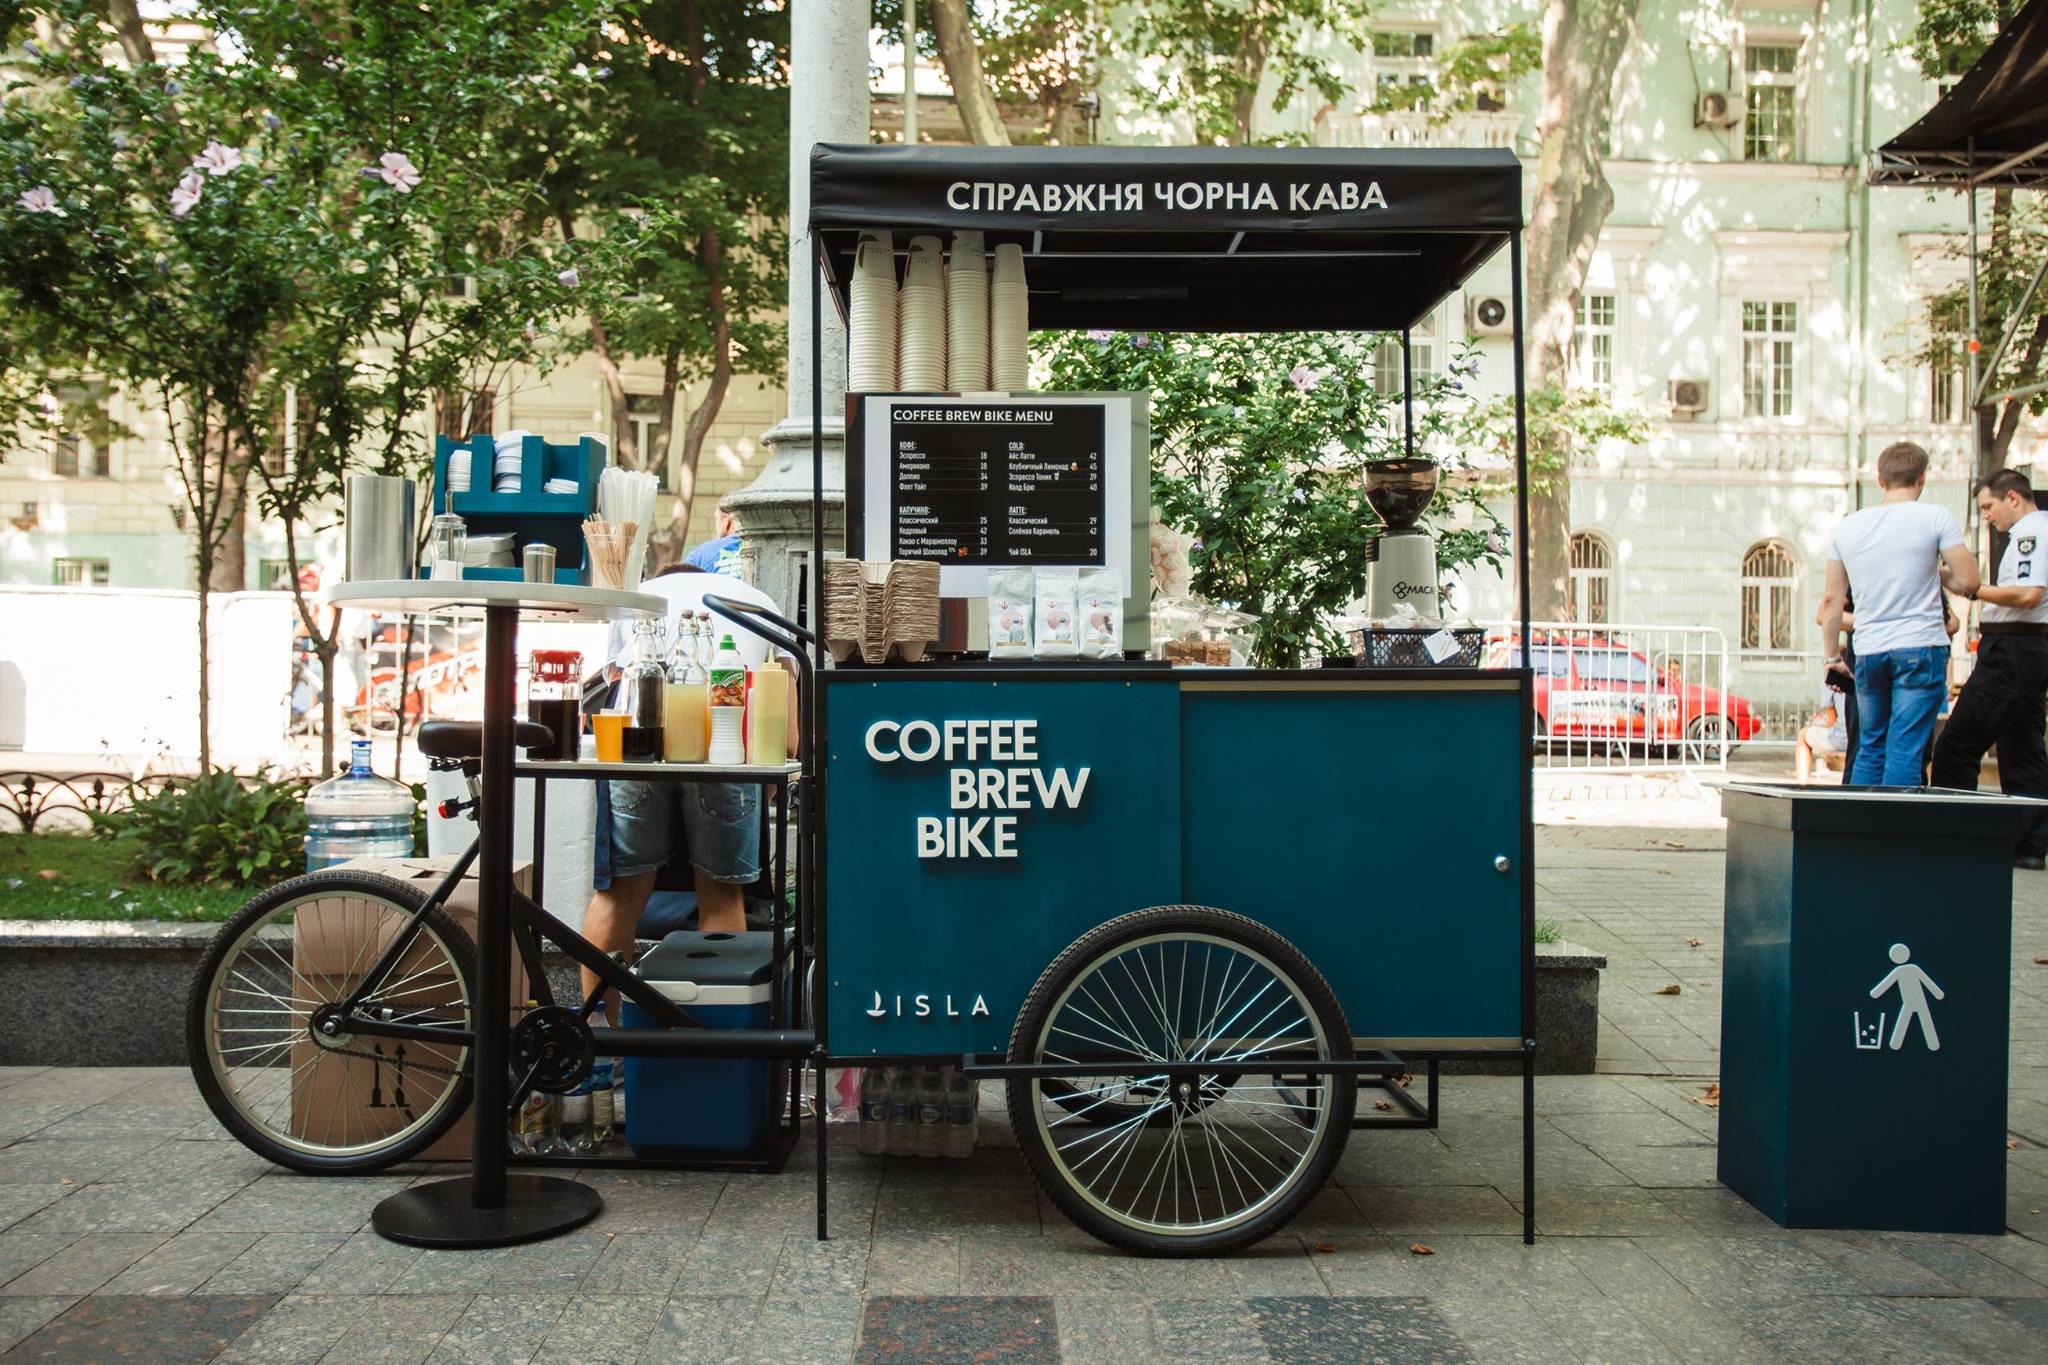 """Співзасновник Coffee Brew Bike: «Кава — це синонім до слова """"маржинальність""""»"""